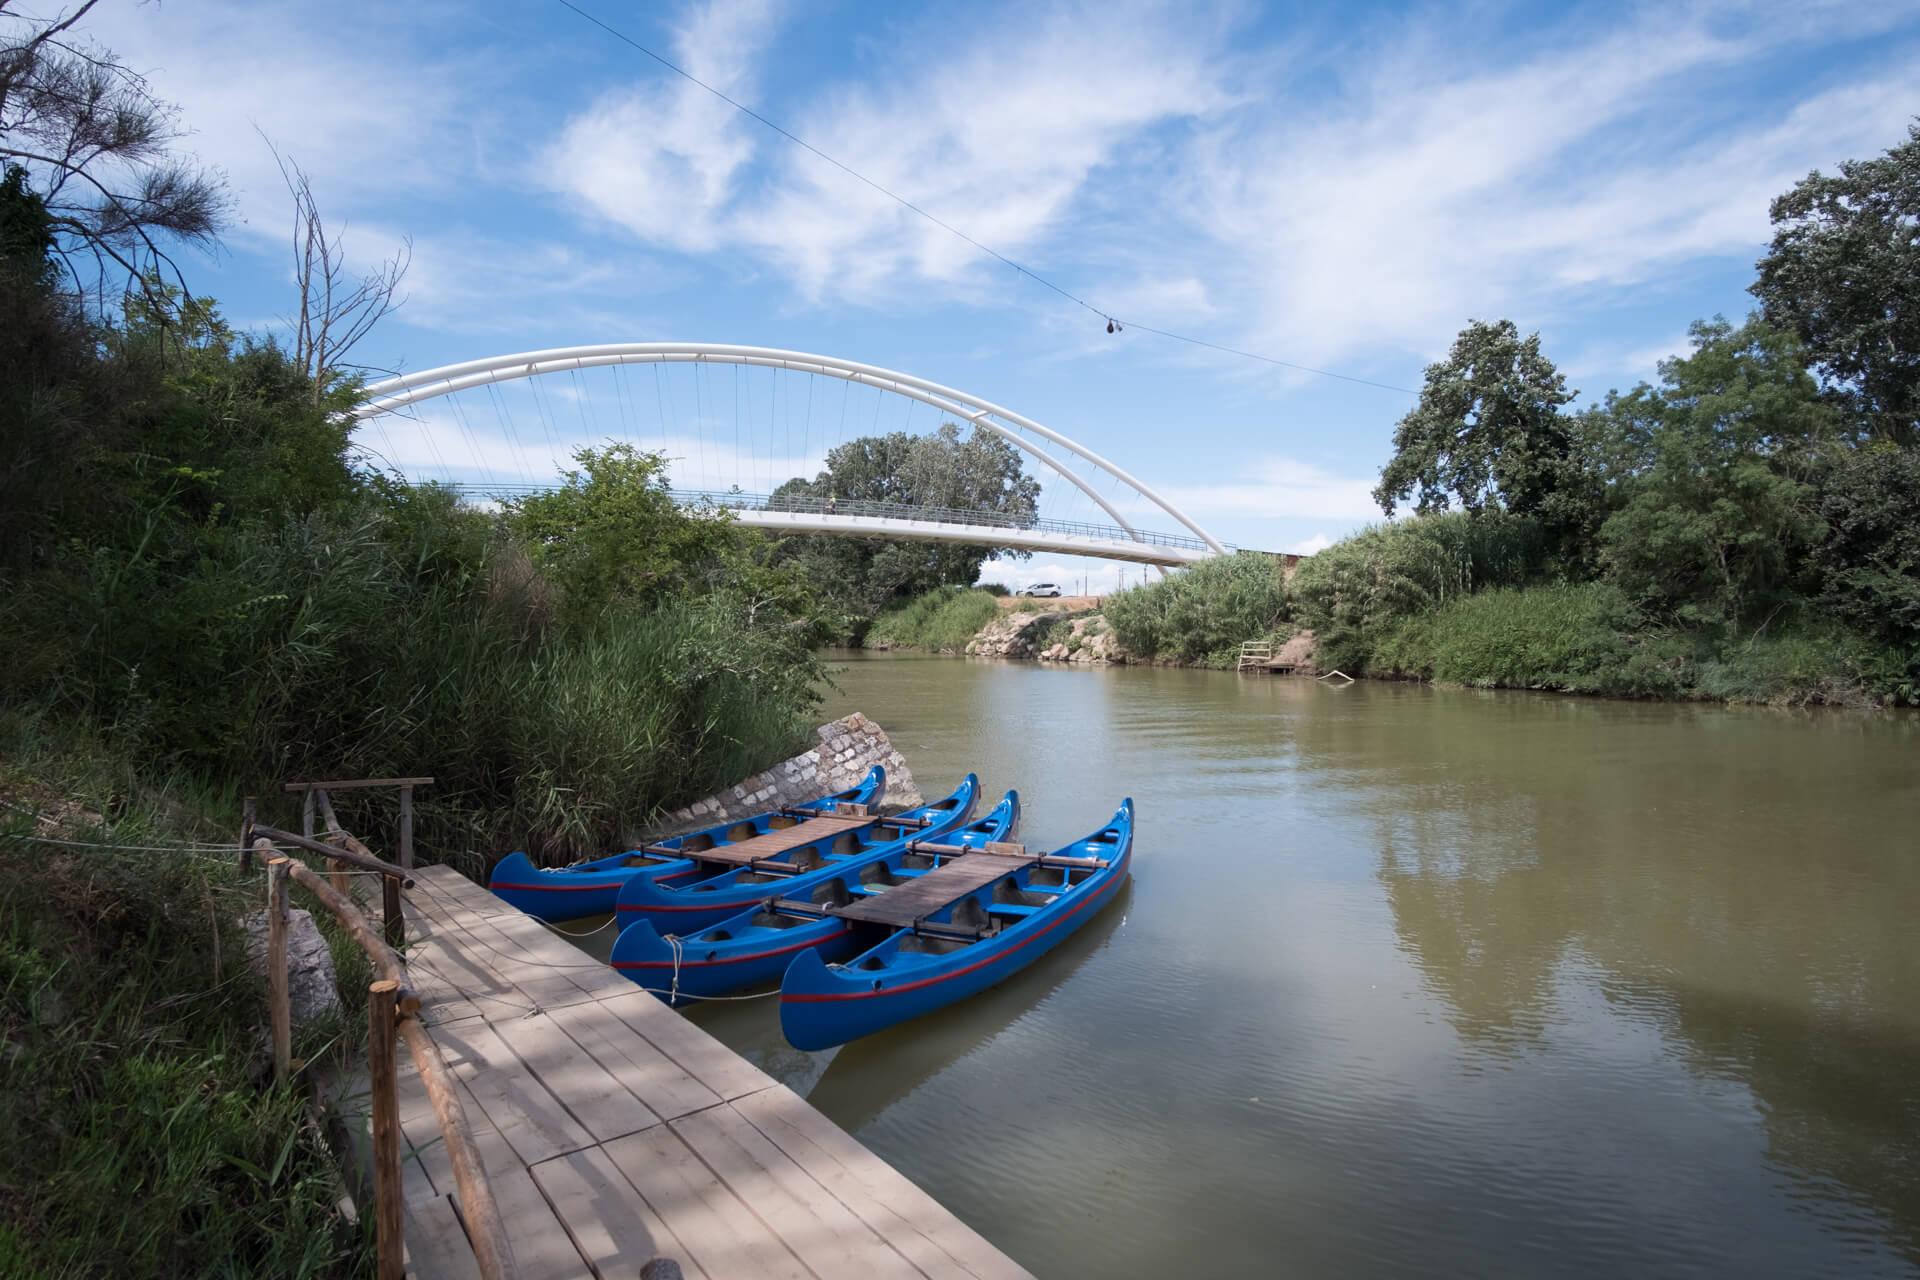 fiume-ombrone maremma